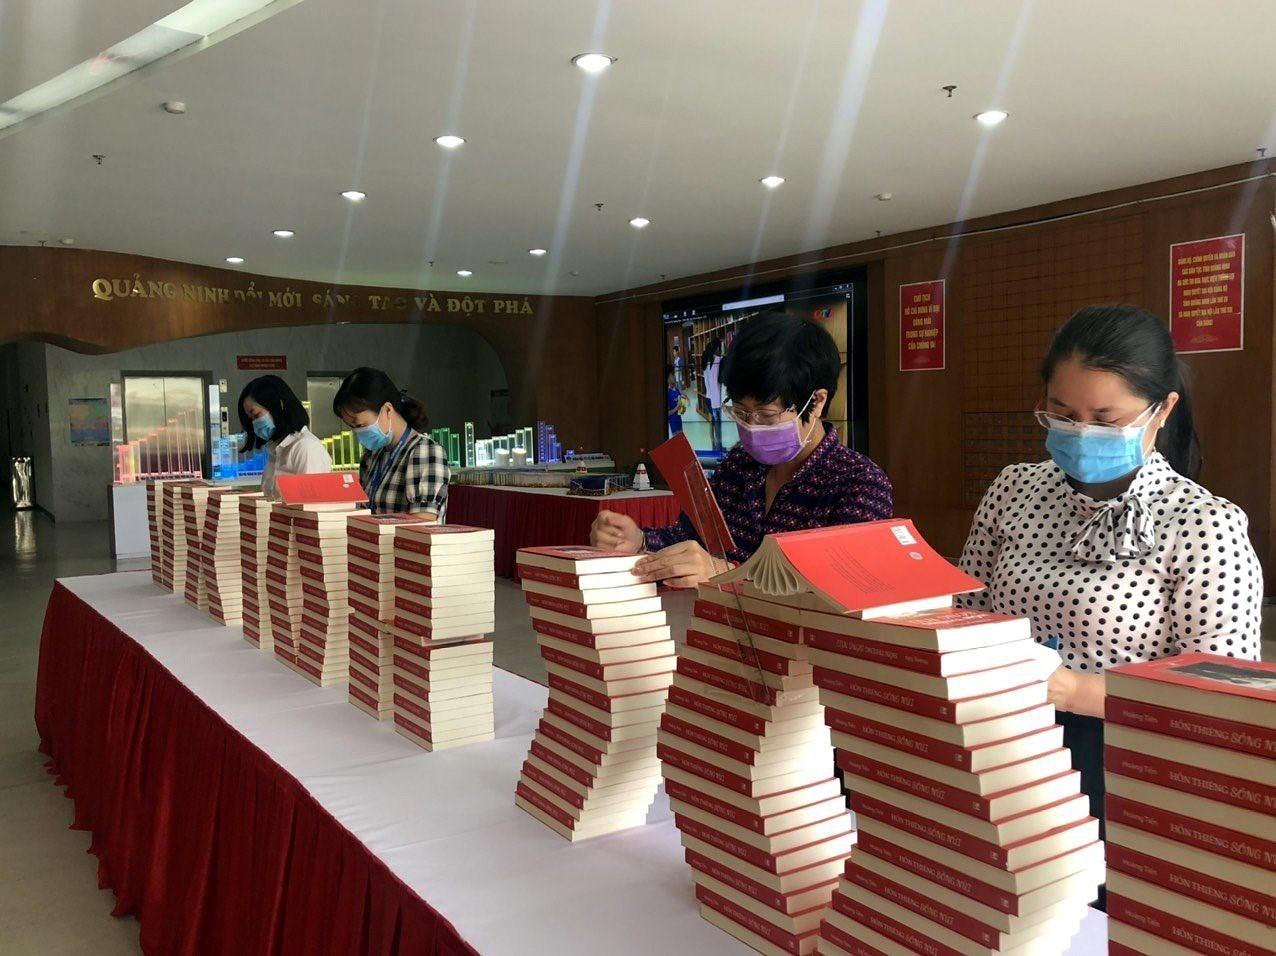 Quang Ninh: exposition de livres sur les elections legislatives prochaines hinh anh 2